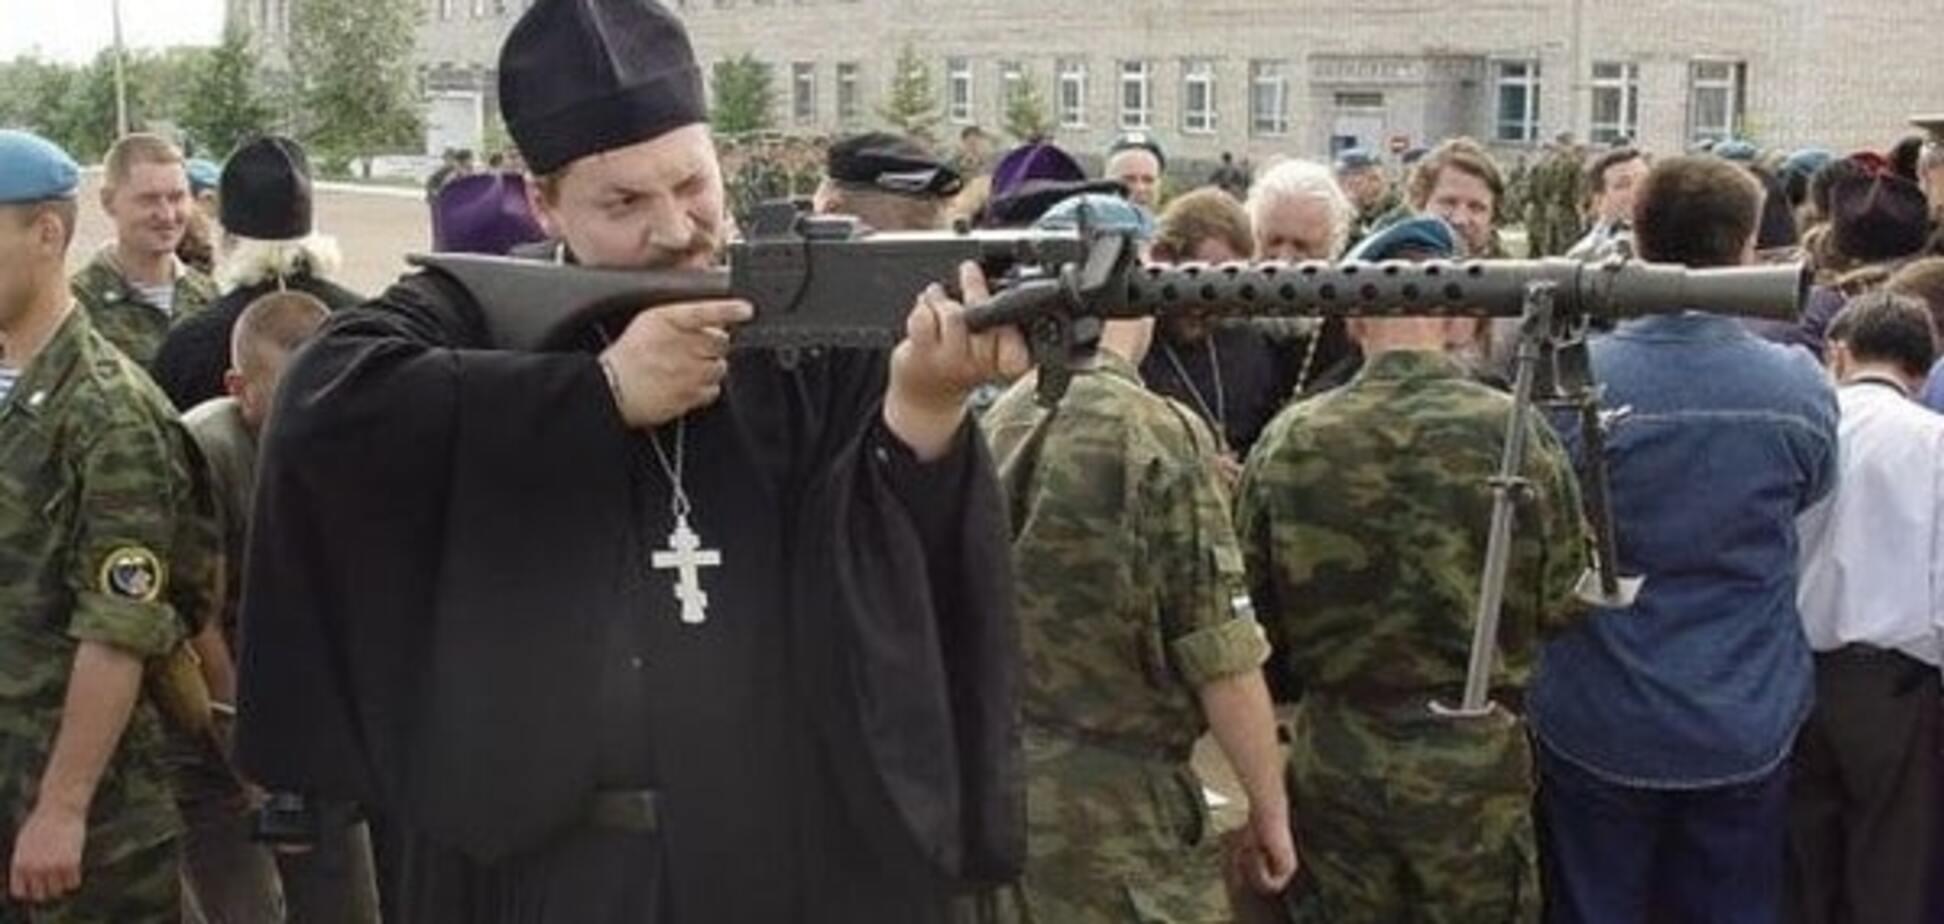 Стріляли і заважали мобілізації: екс-капелан розповів про участь УПЦ МП у війні на Донбасі